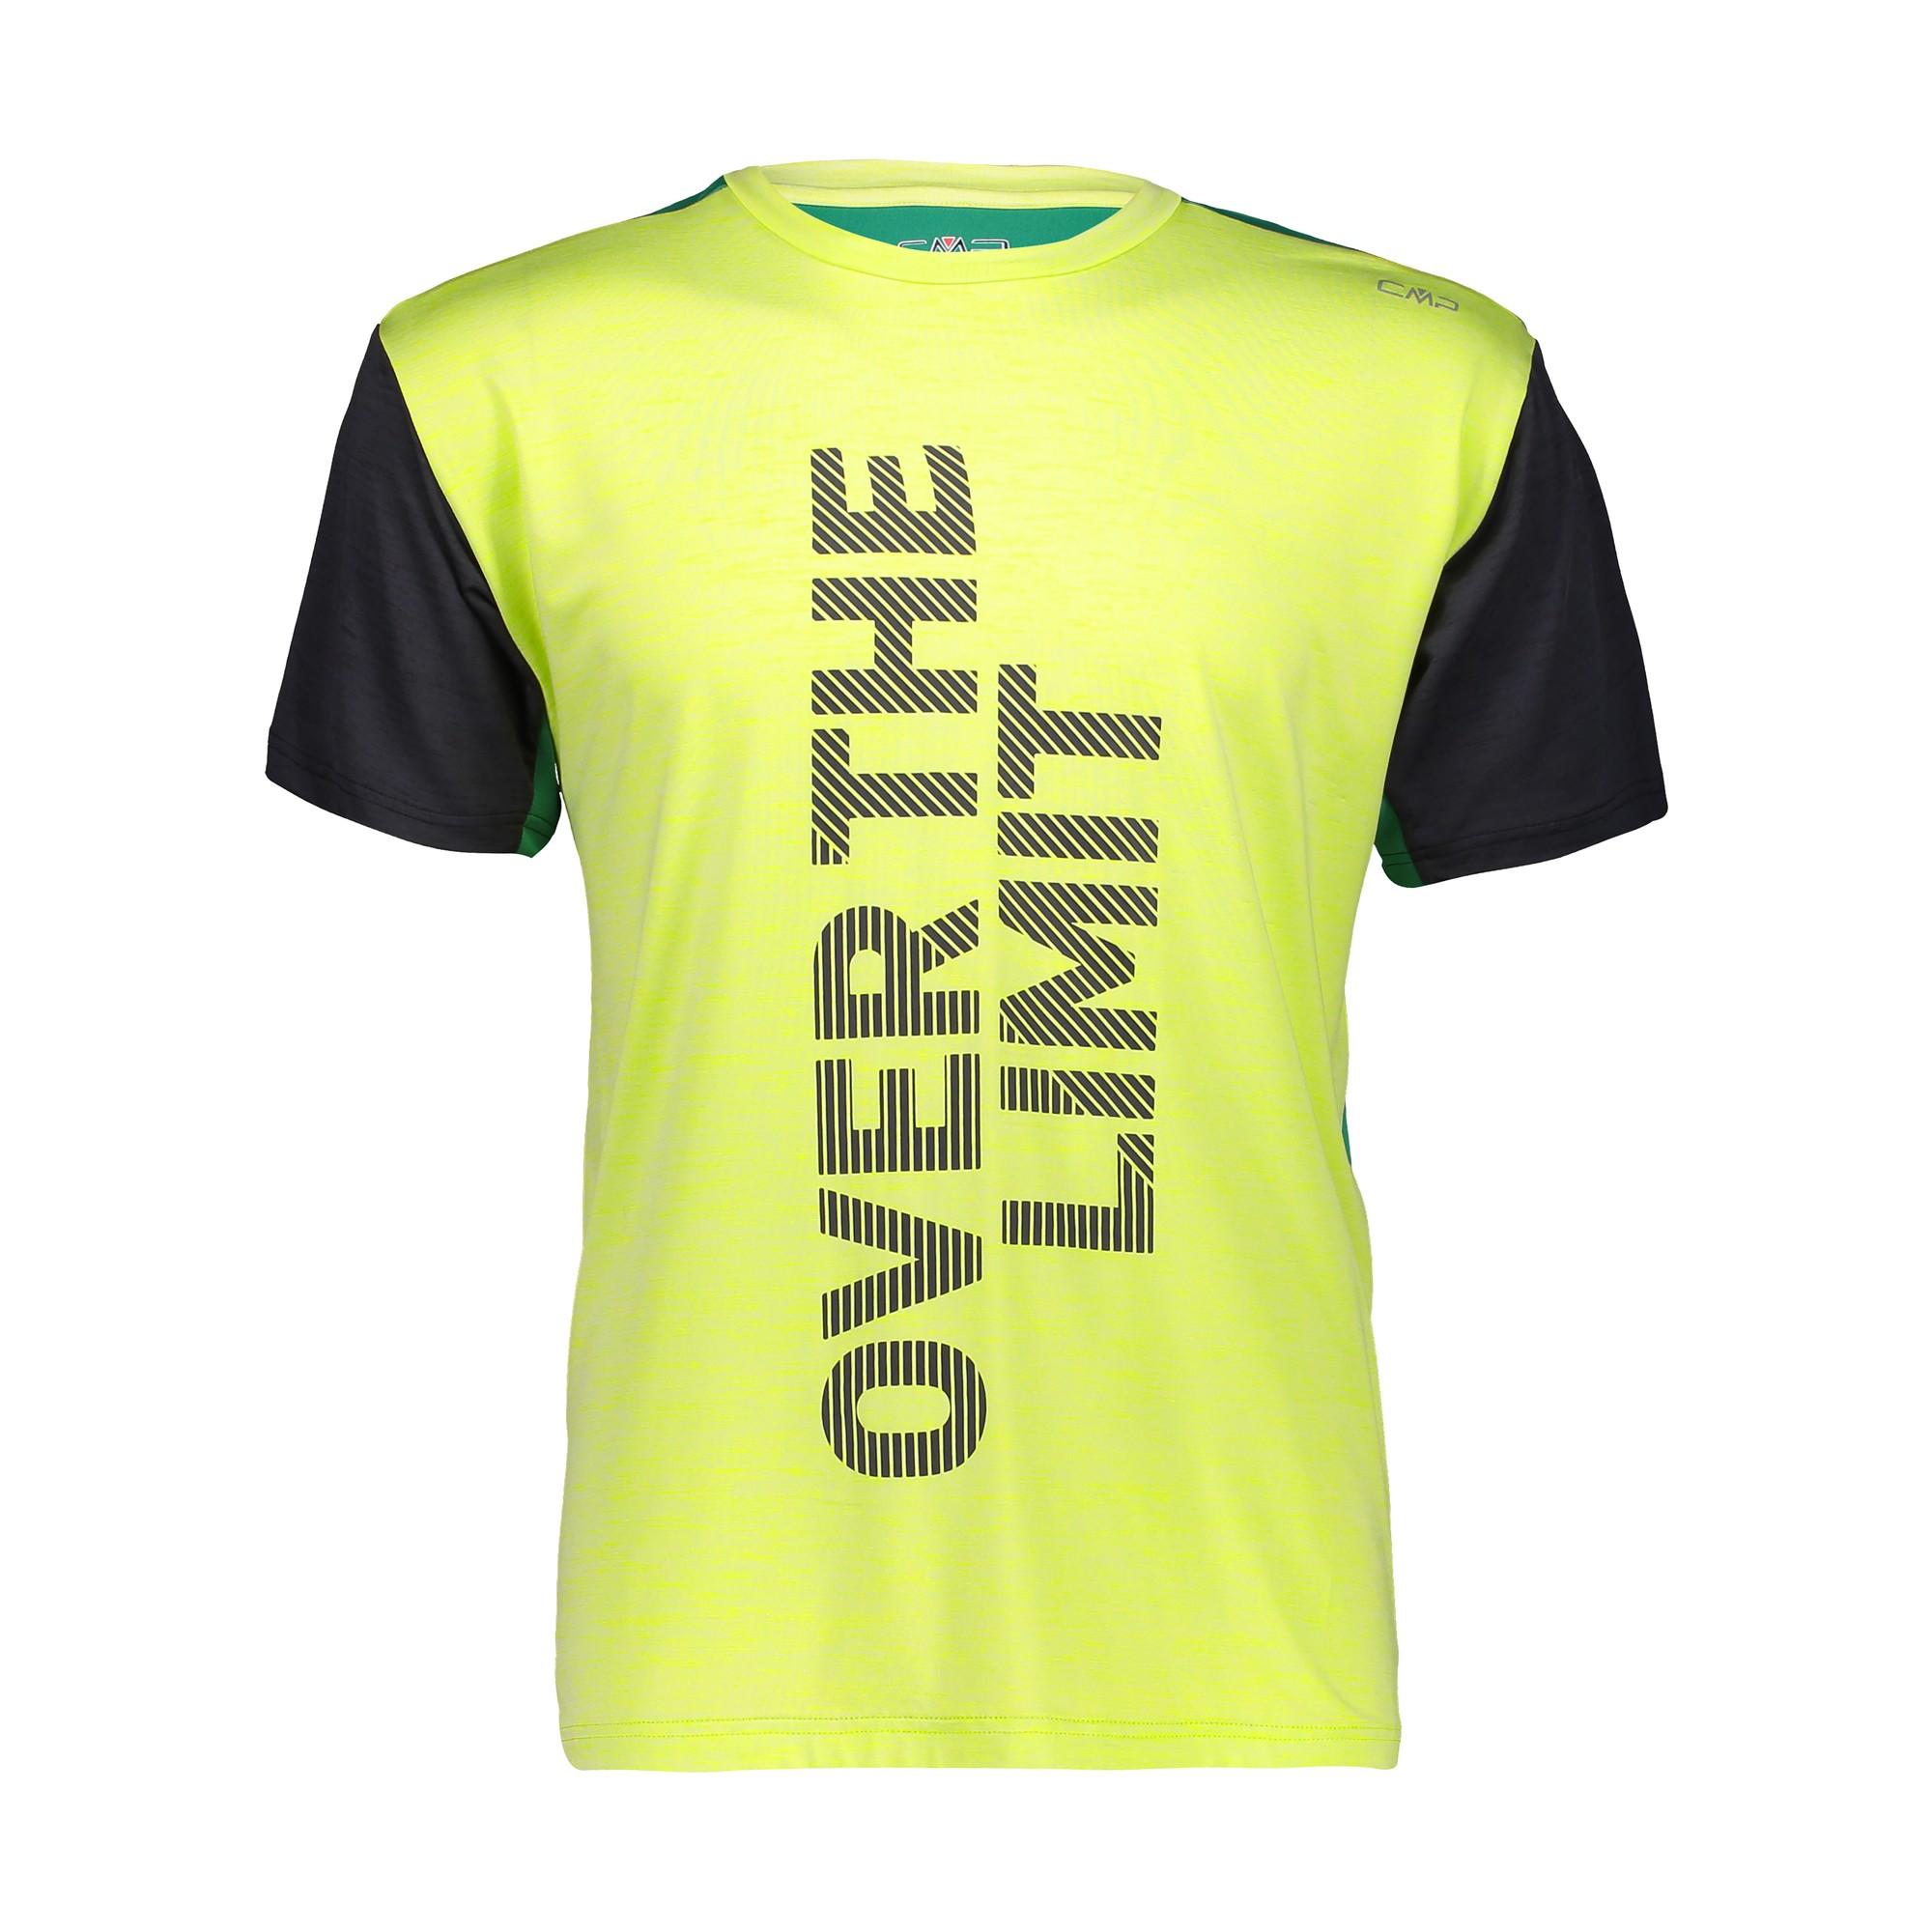 CMP Laufshirt Shirt Man Trail T-Shirt grau atmungsaktiv elastisch antibakteriell